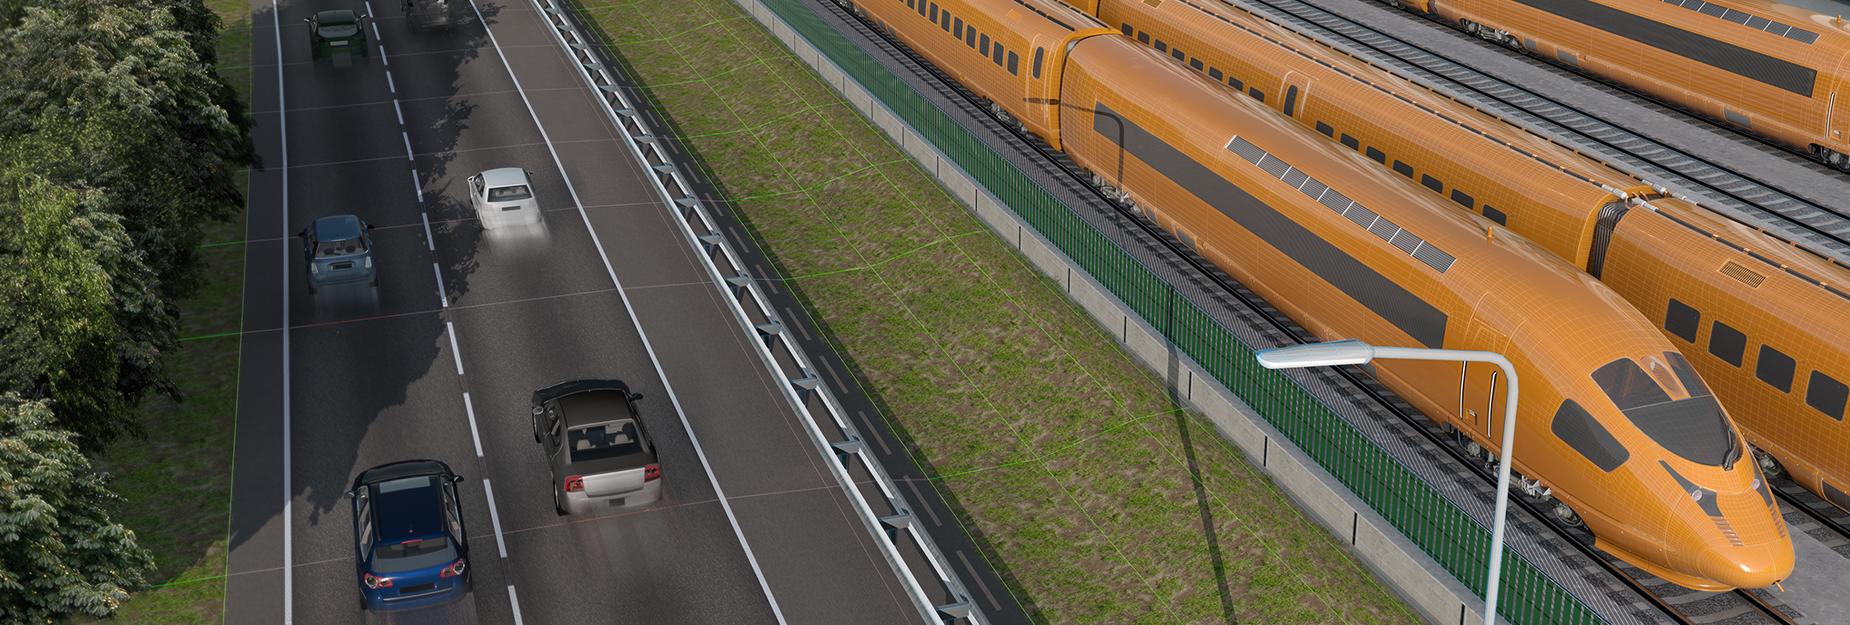 new autocad civil 3d image